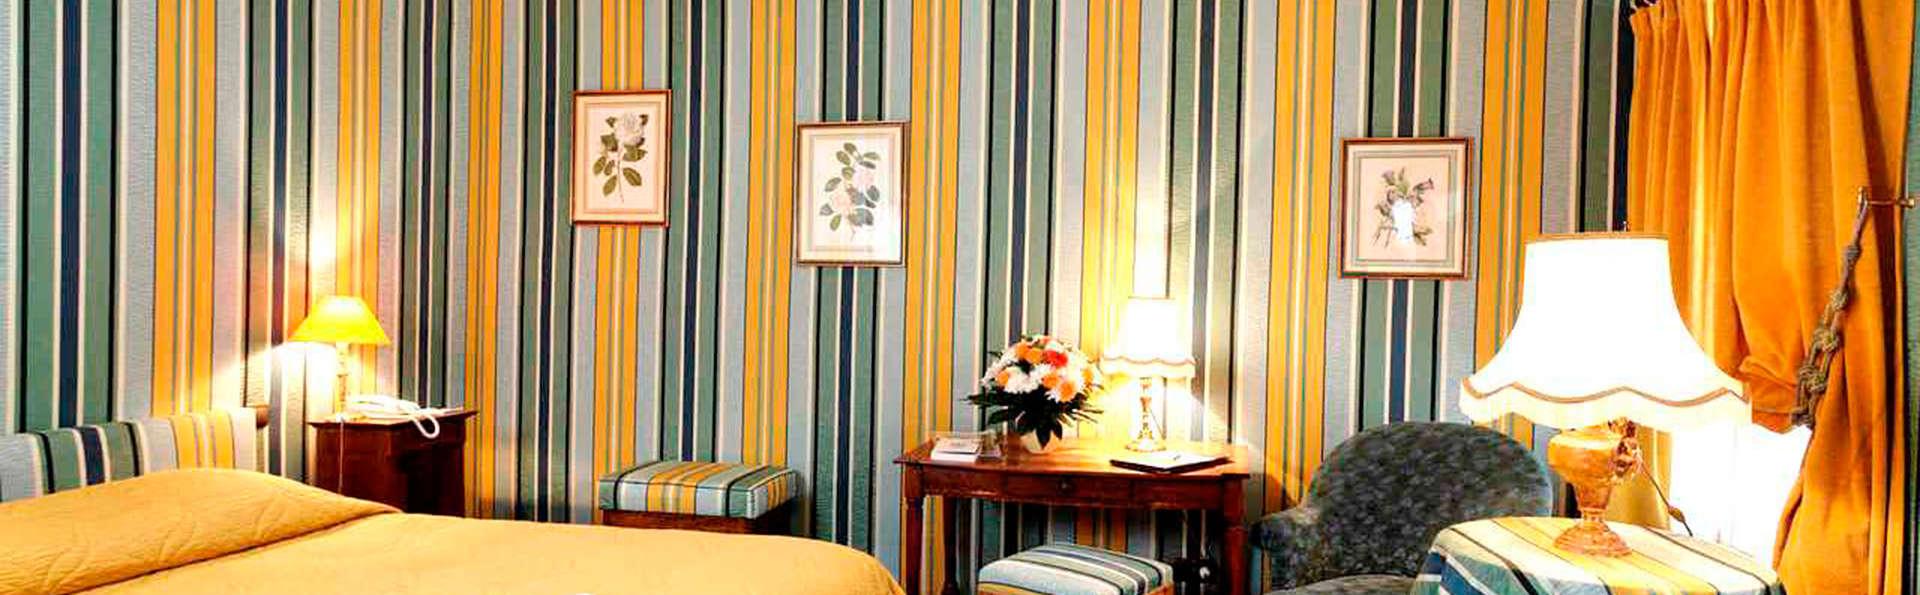 Escapade de luxe dans un hôtel de charme à Fontainebleau